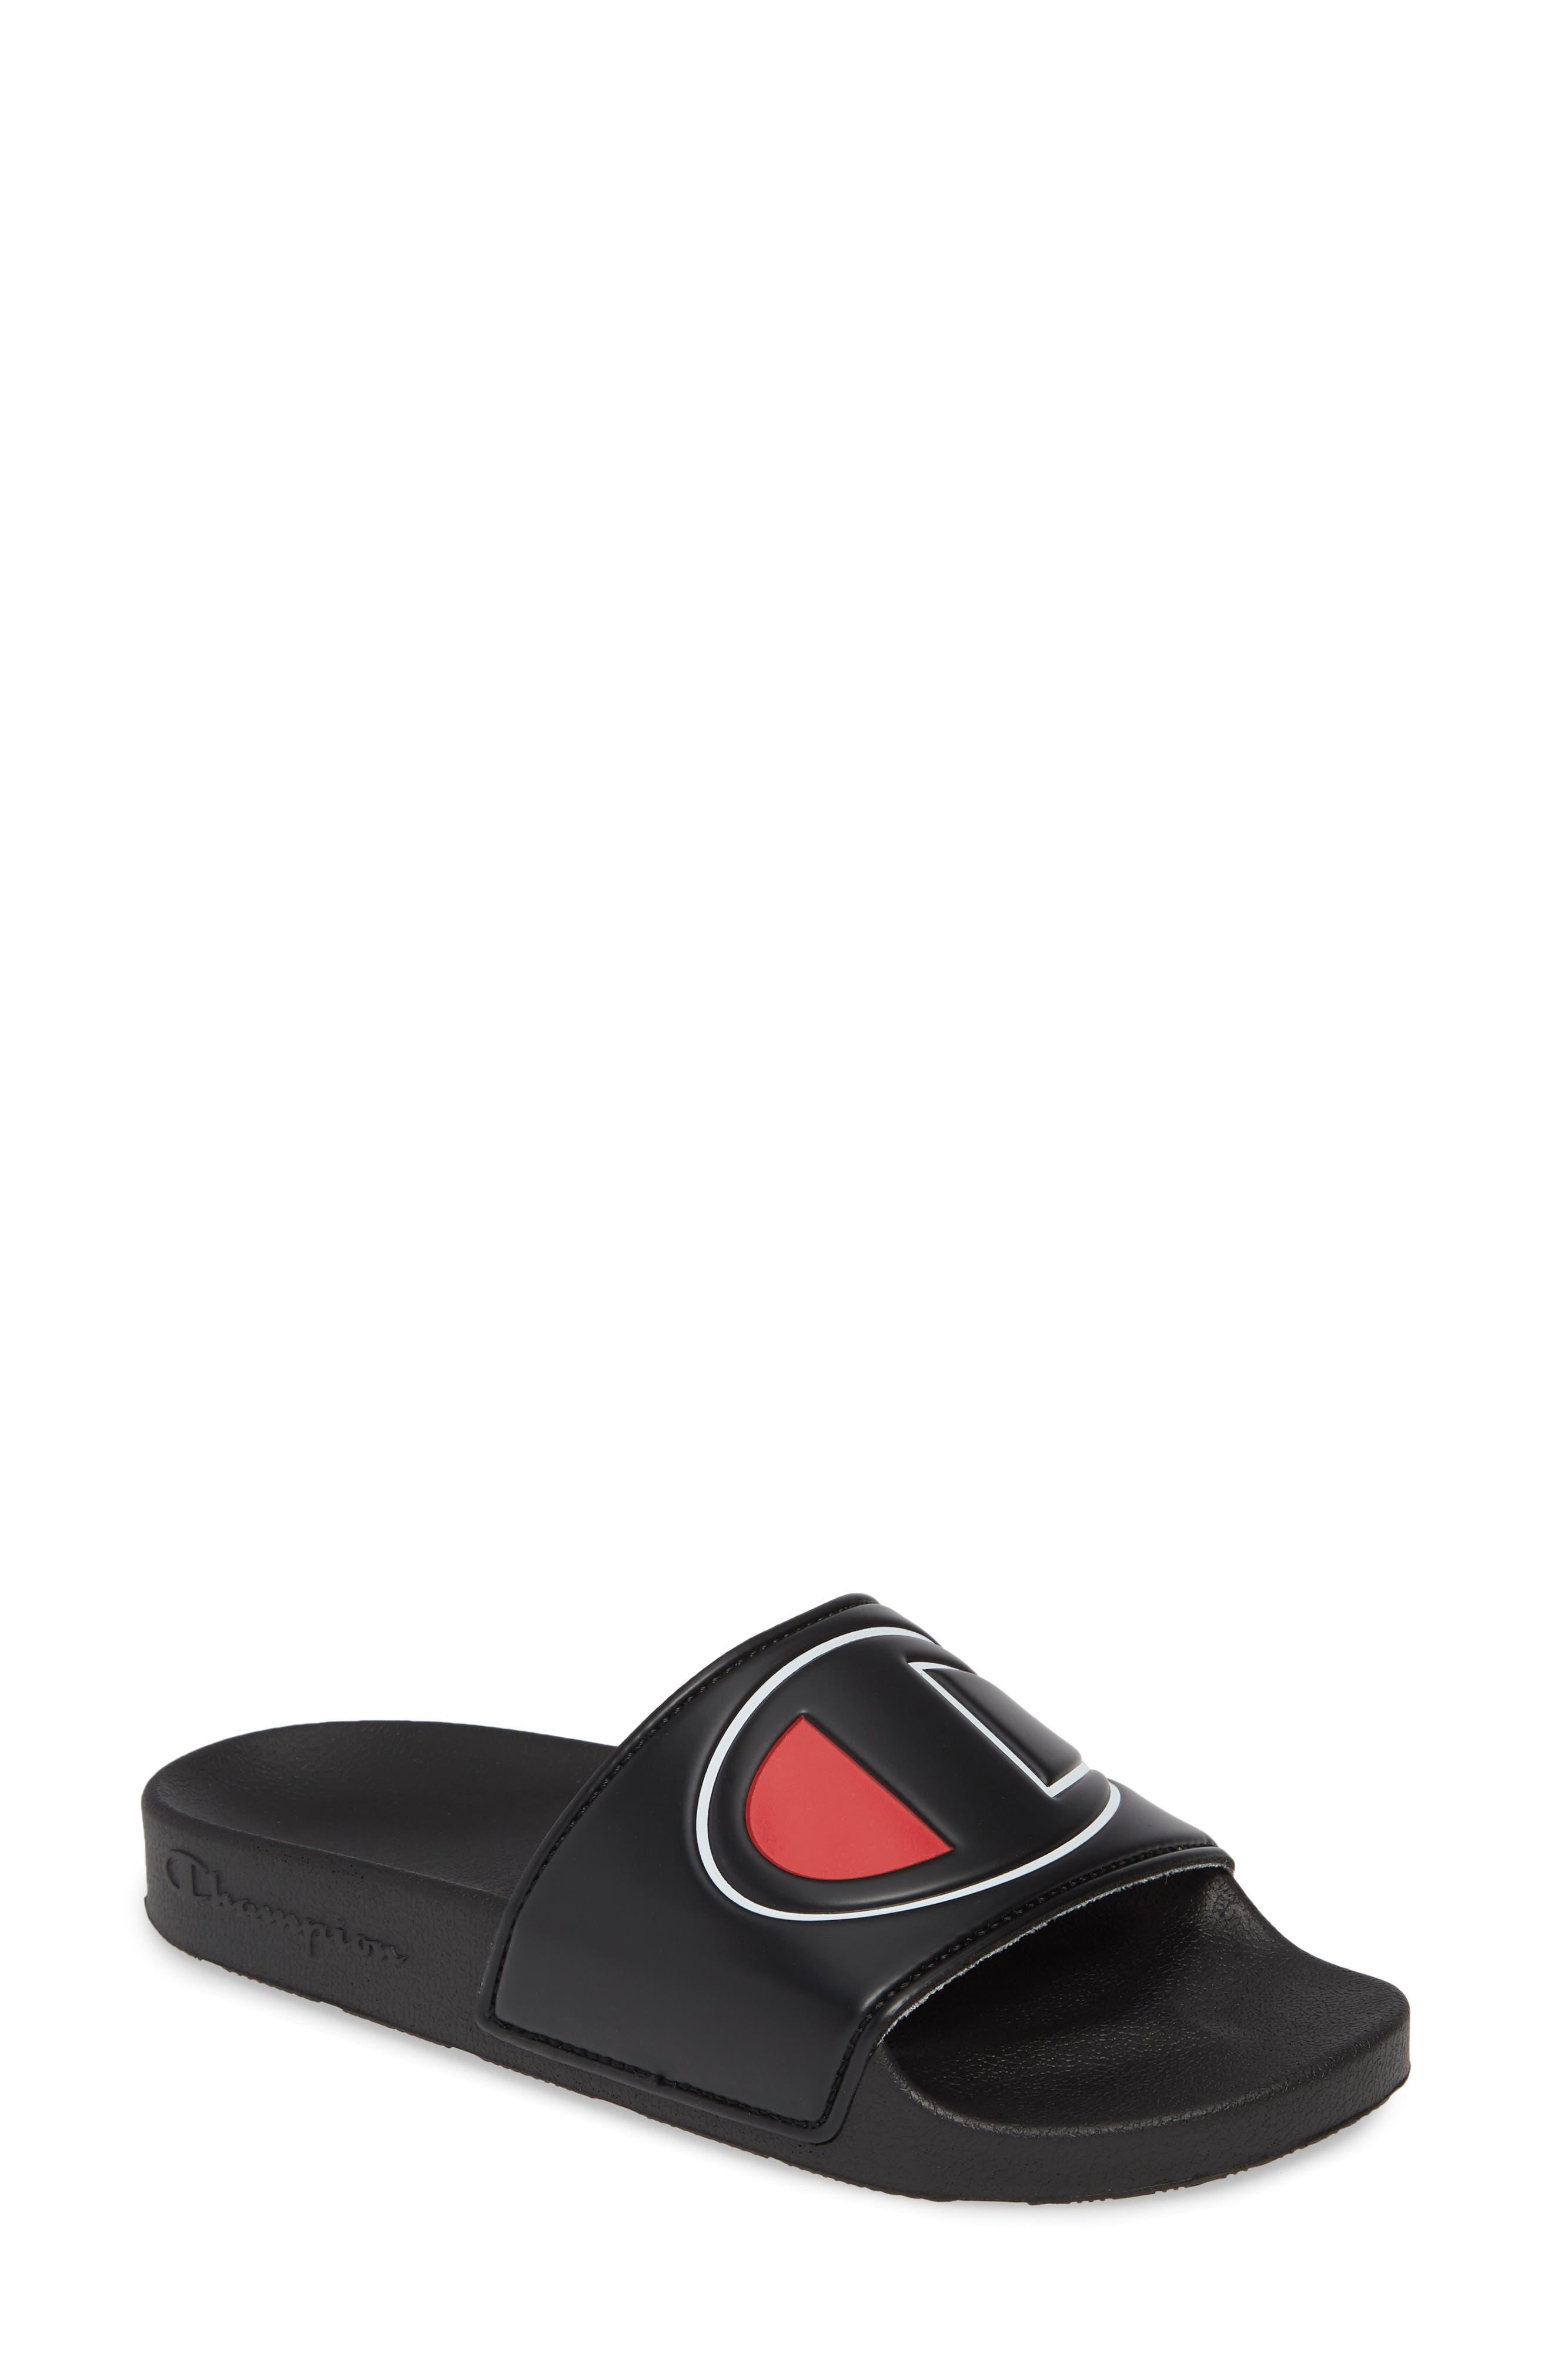 CHAMPION, Slide Sandal, Main thumbnail 1, color, BLACK